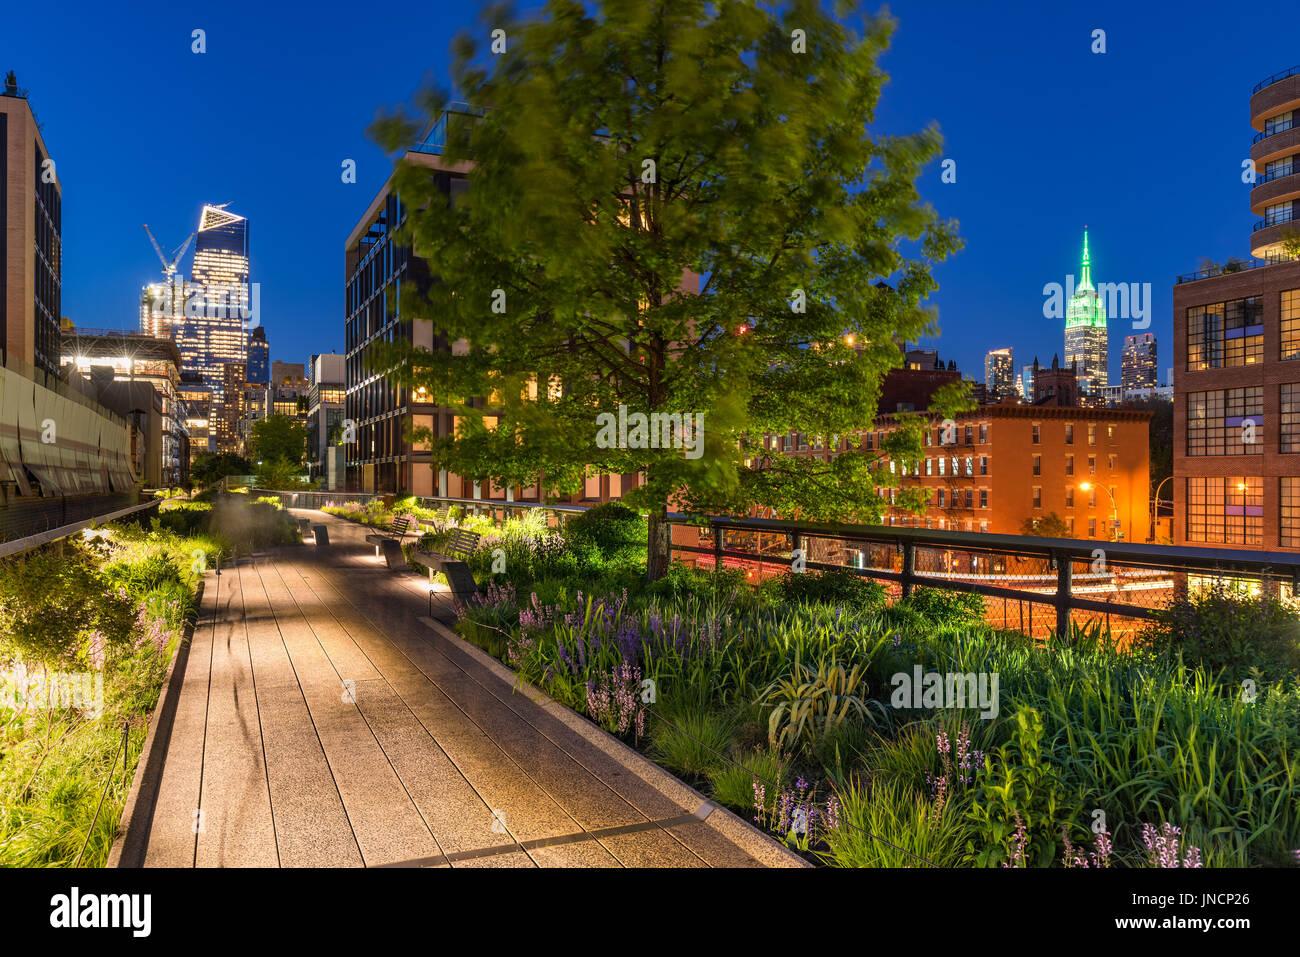 Alta línea paseo al atardecer con las luces de la ciudad y rascacielos iluminados. Chelsea, Manhattan, Ciudad de Nueva York Imagen De Stock